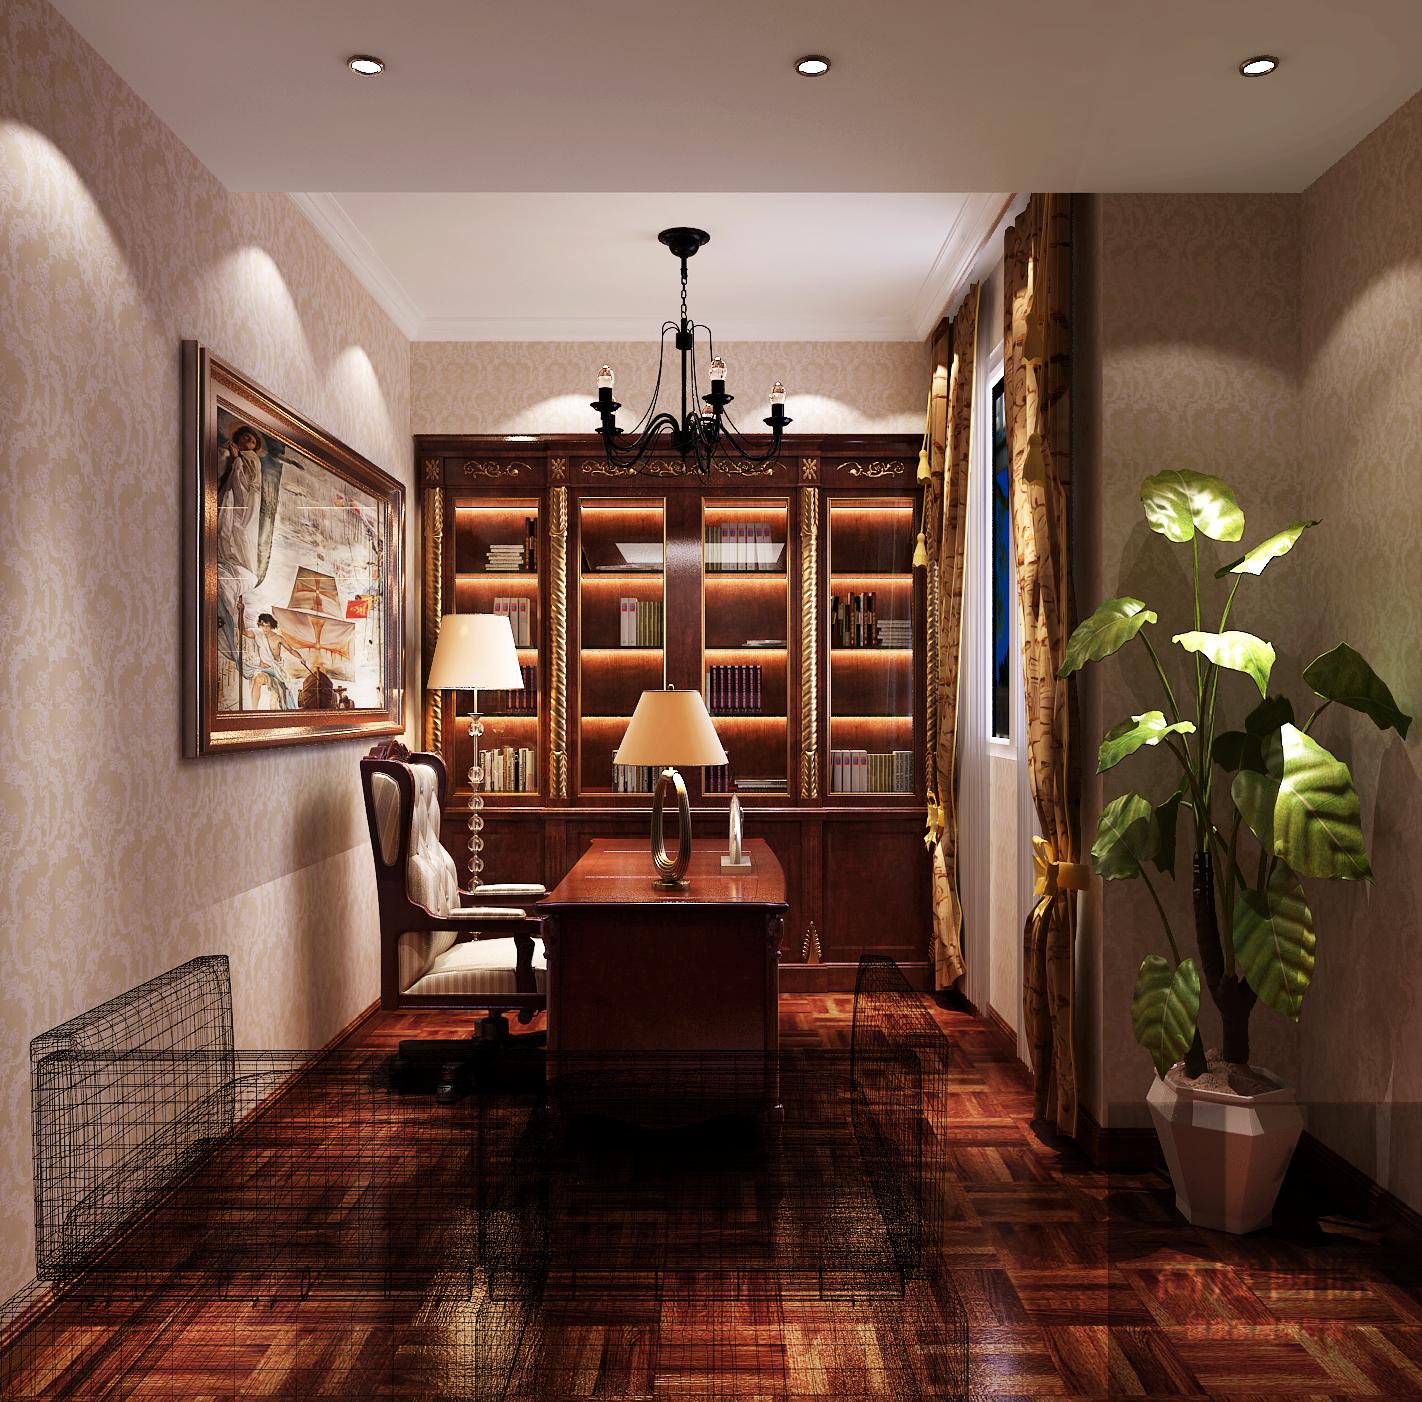 三居 简约 欧式 北京装修 北京设计 书房图片来自高度国际装饰韩冰在天竺新新家园137㎡简欧效果的分享